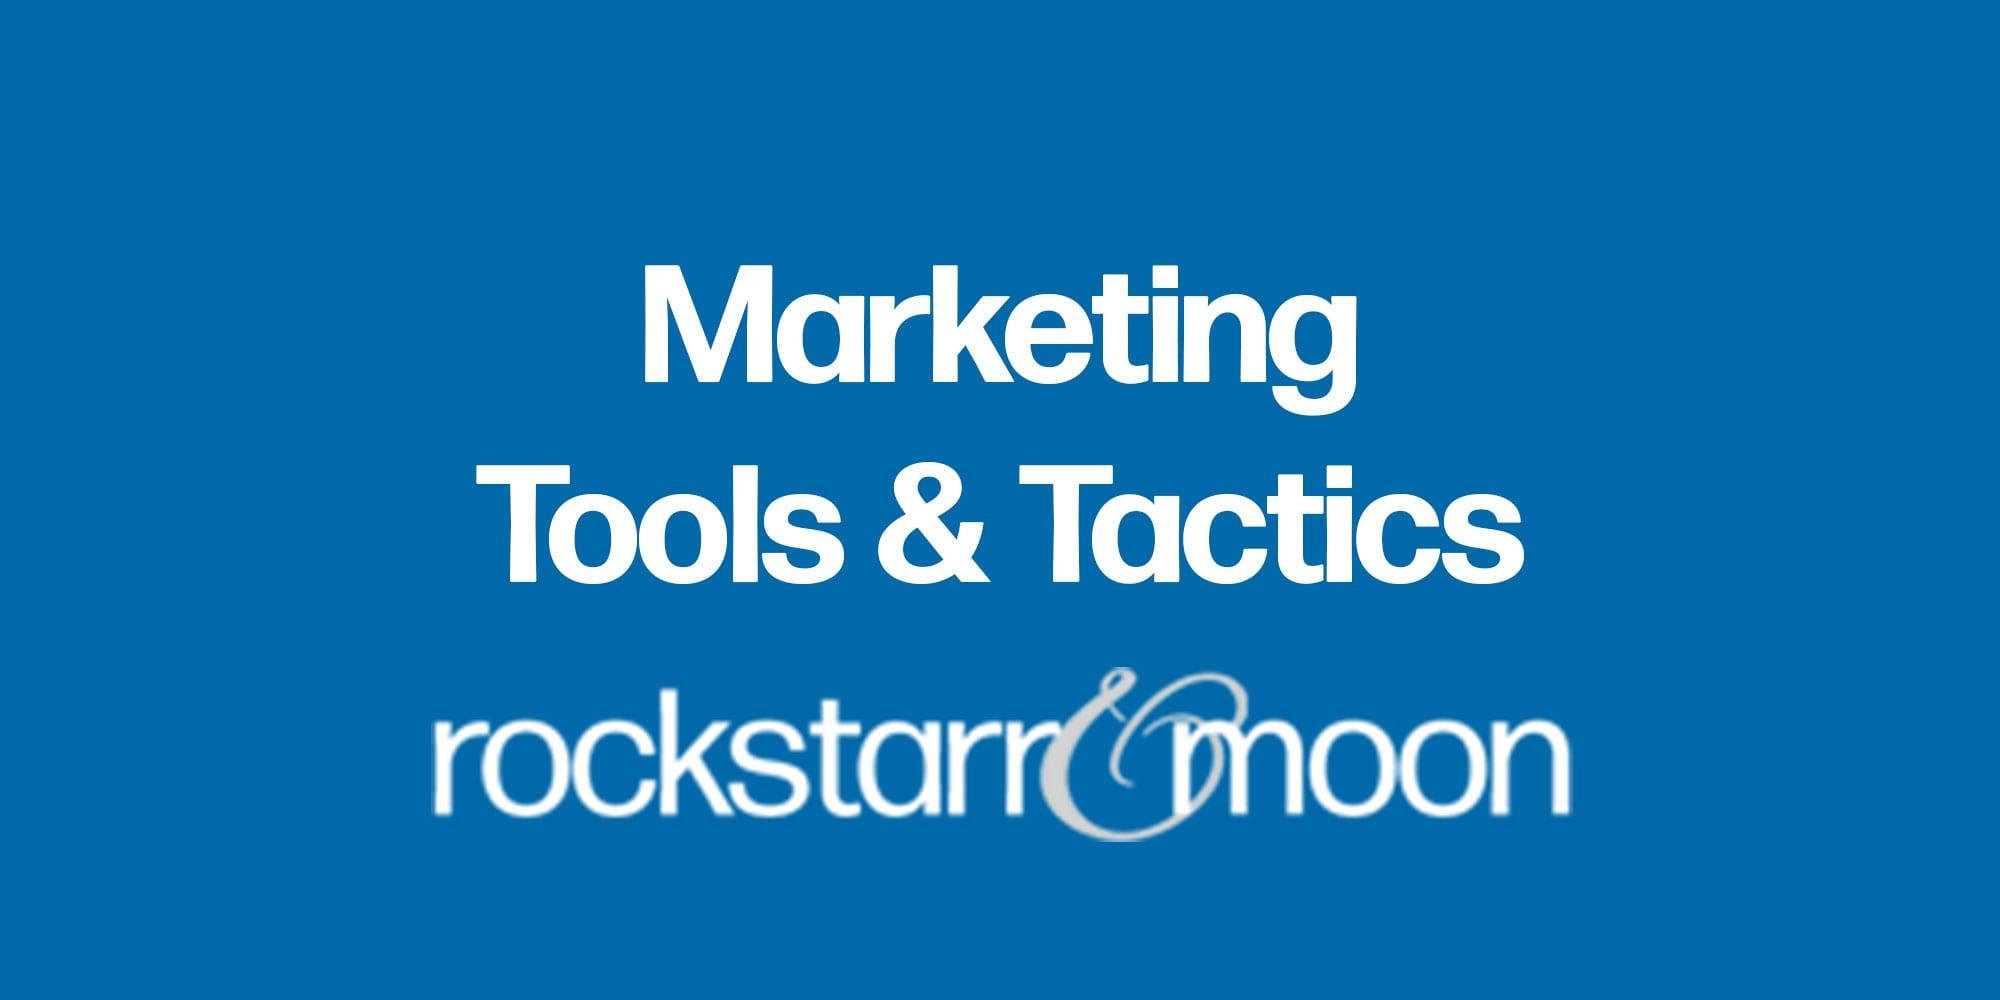 Marketing Tools and Tactics